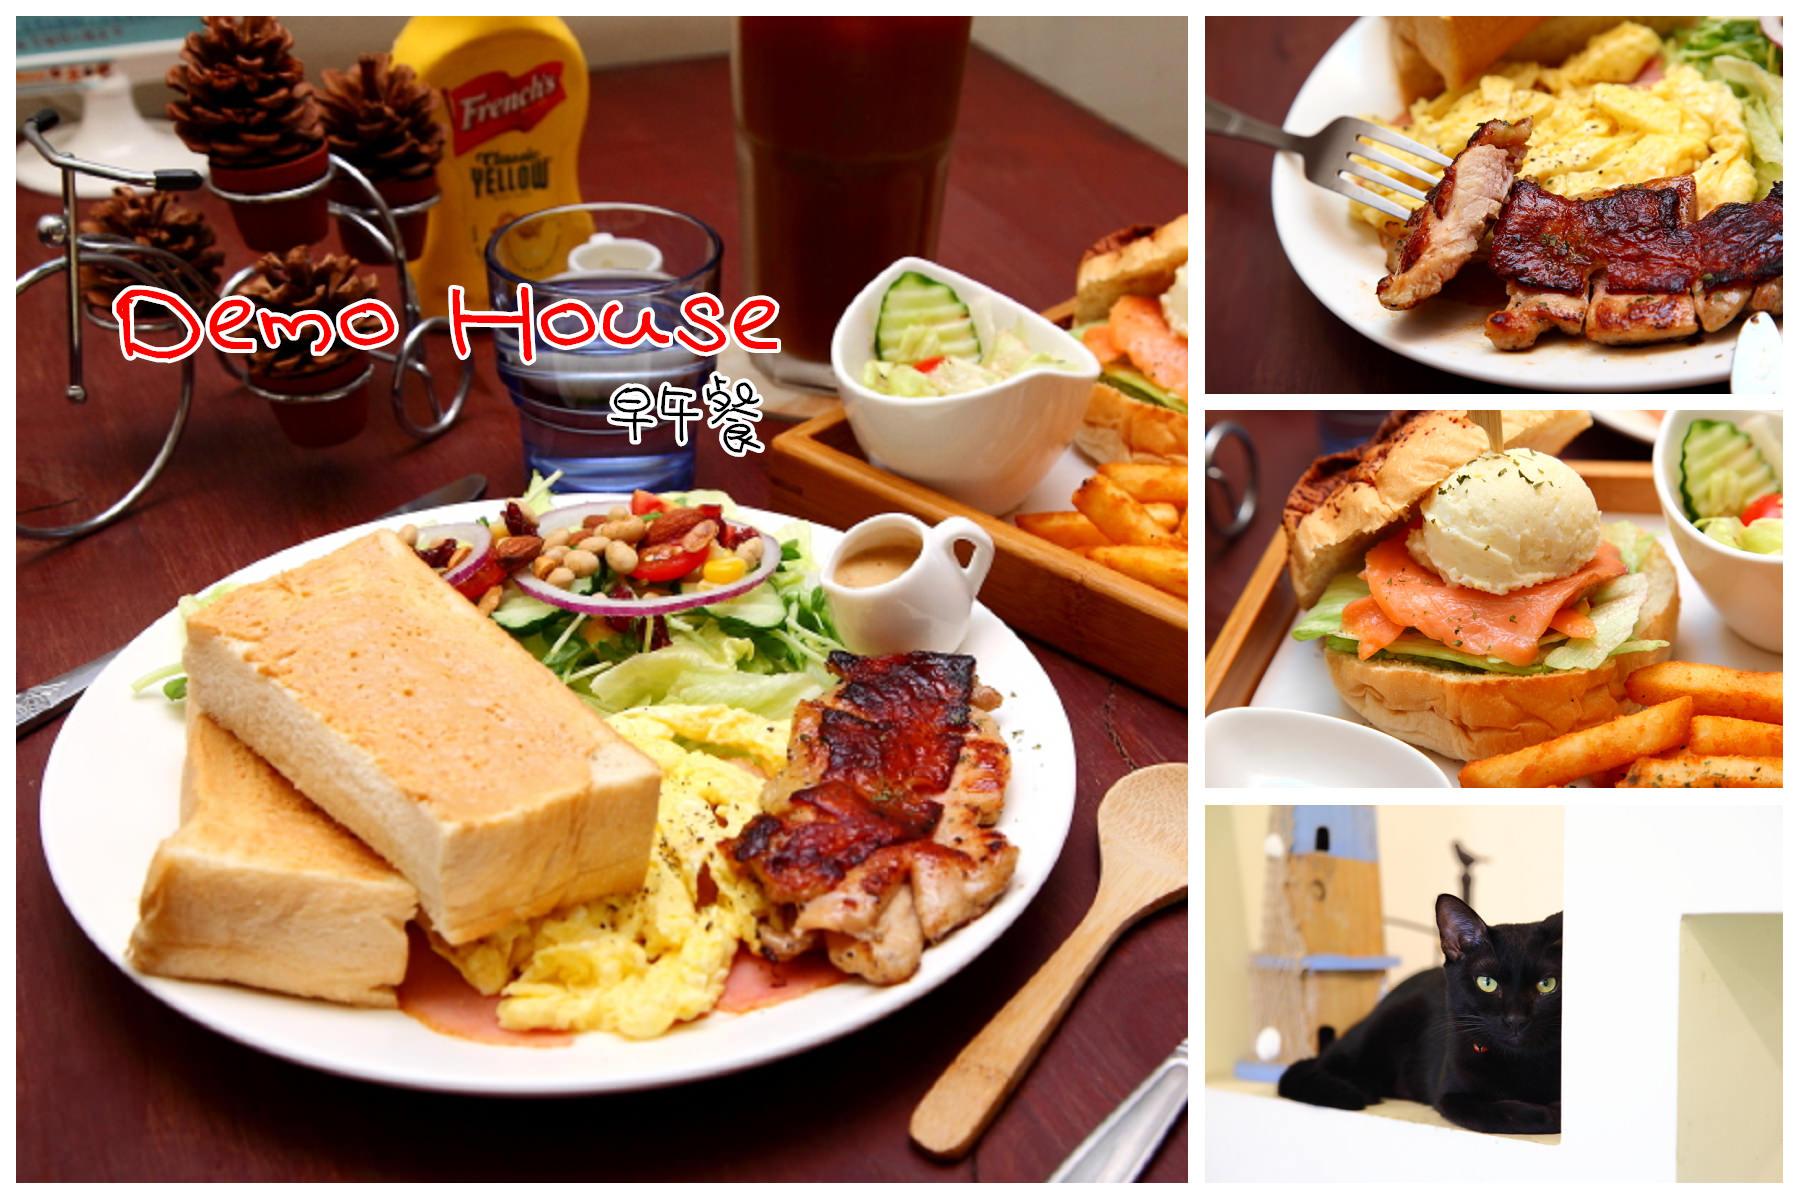 [桃園市]二訪,Demo House搶眼新菜色!寵物友善餐廳,小黑浪喵收編!Demo House早午餐